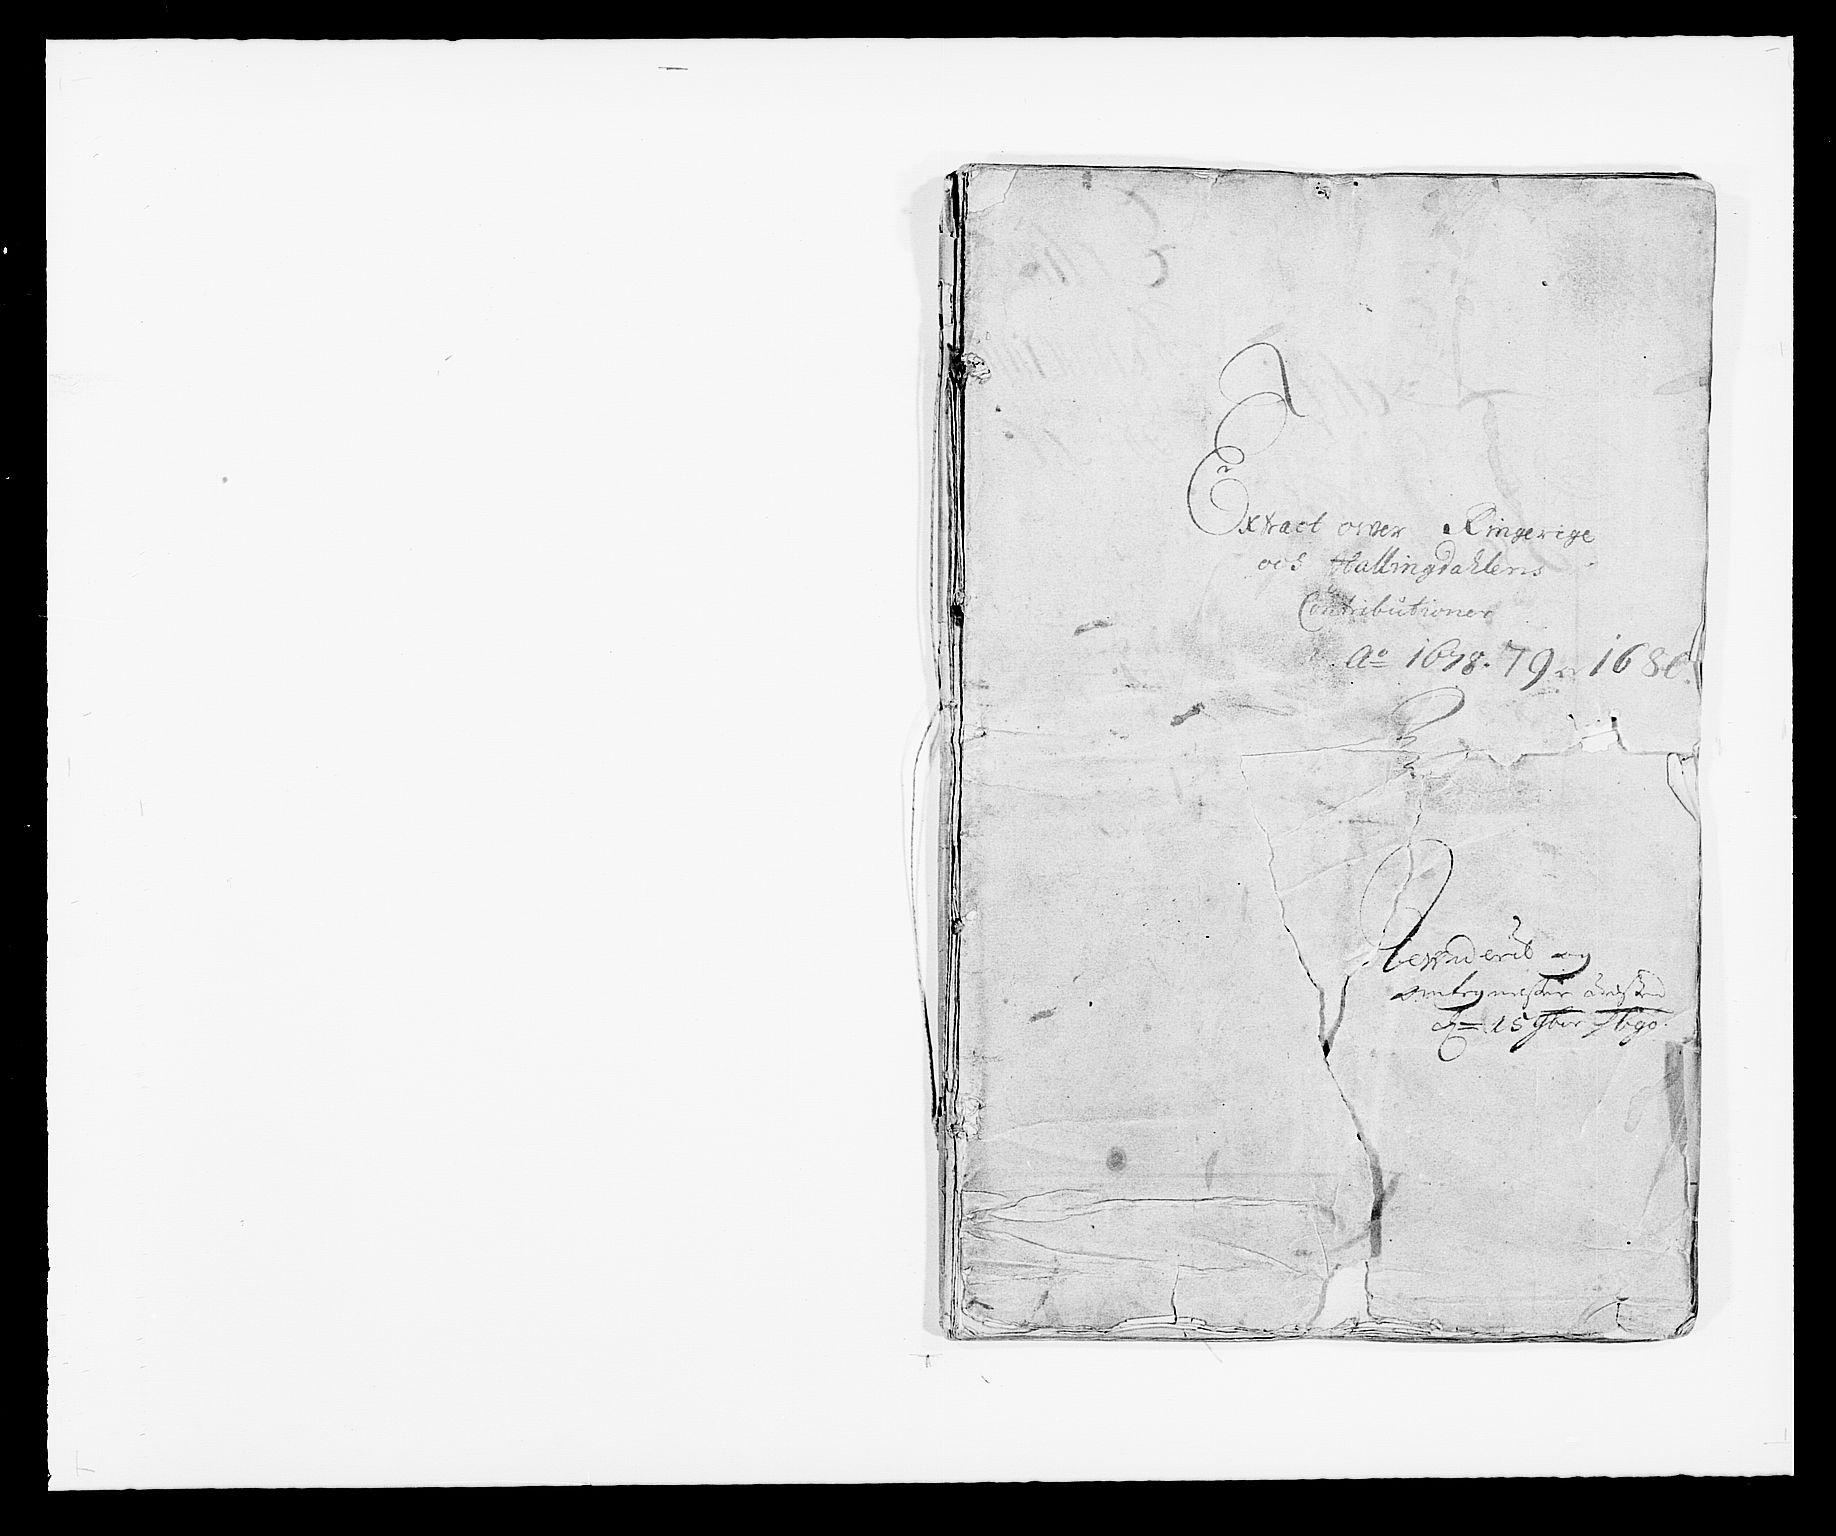 RA, Rentekammeret inntil 1814, Reviderte regnskaper, Fogderegnskap, R21/L1443: Fogderegnskap Ringerike og Hallingdal, 1678-1680, s. 1